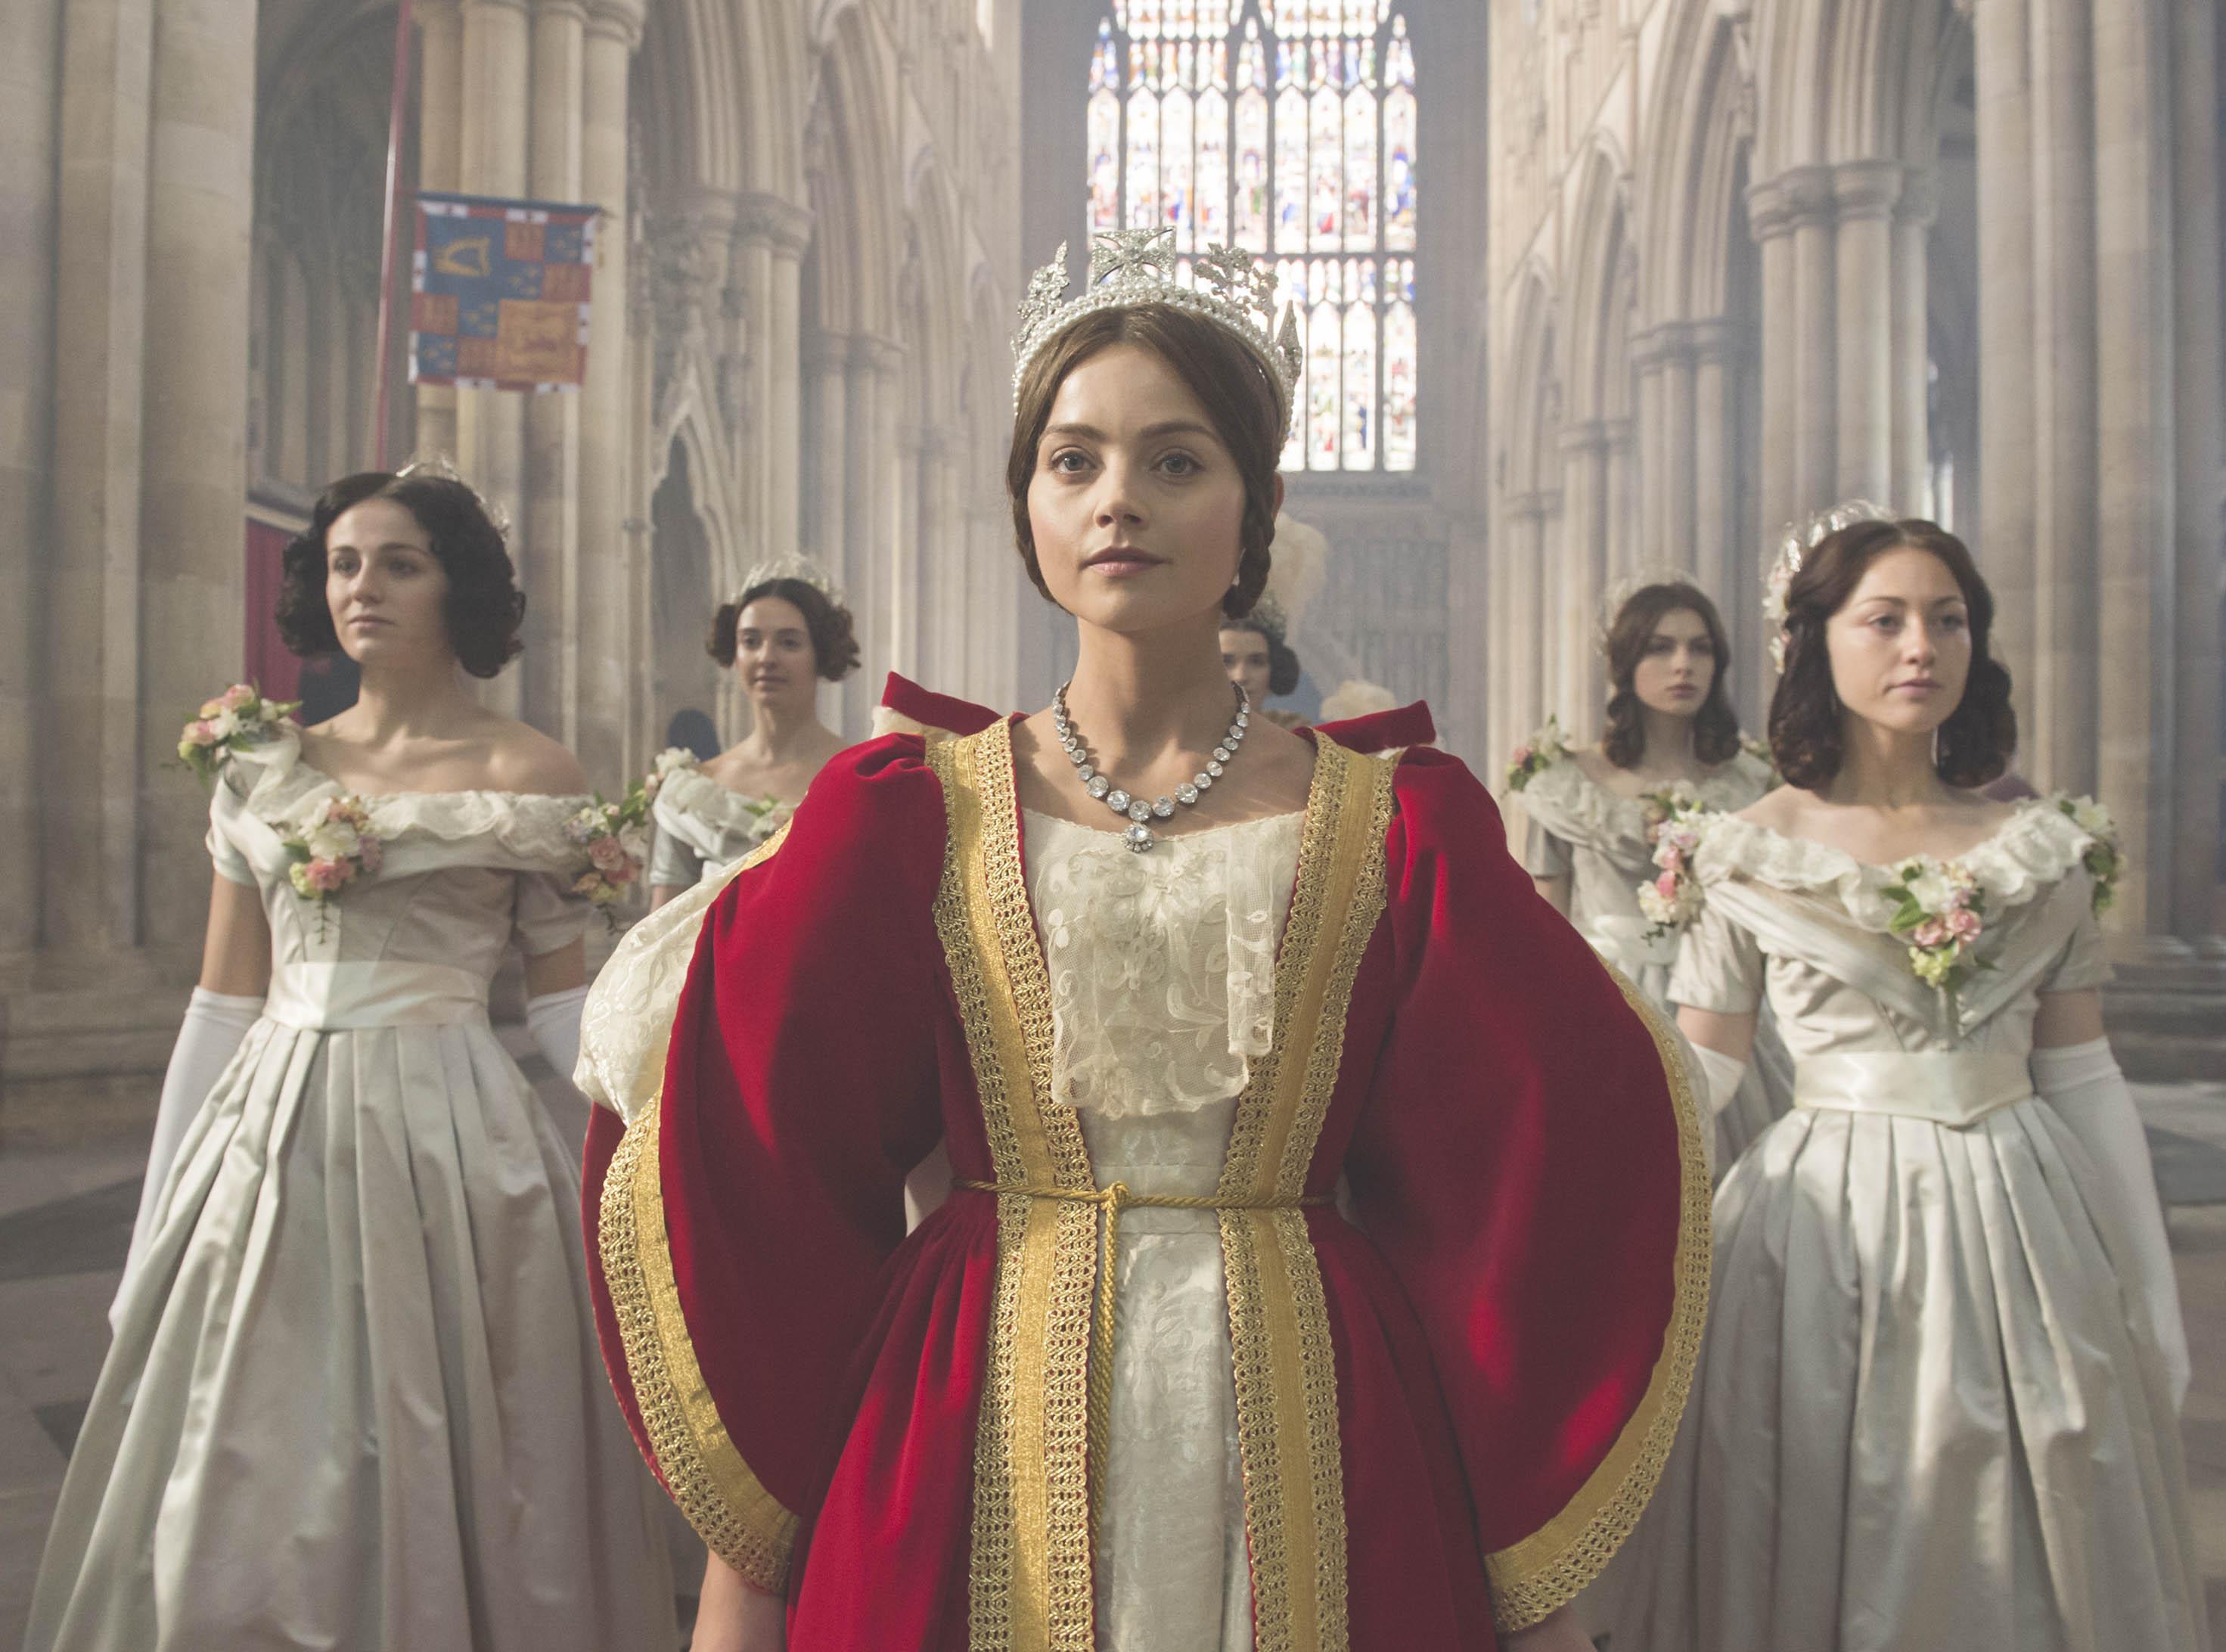 Victoria _ BBC One Film Still